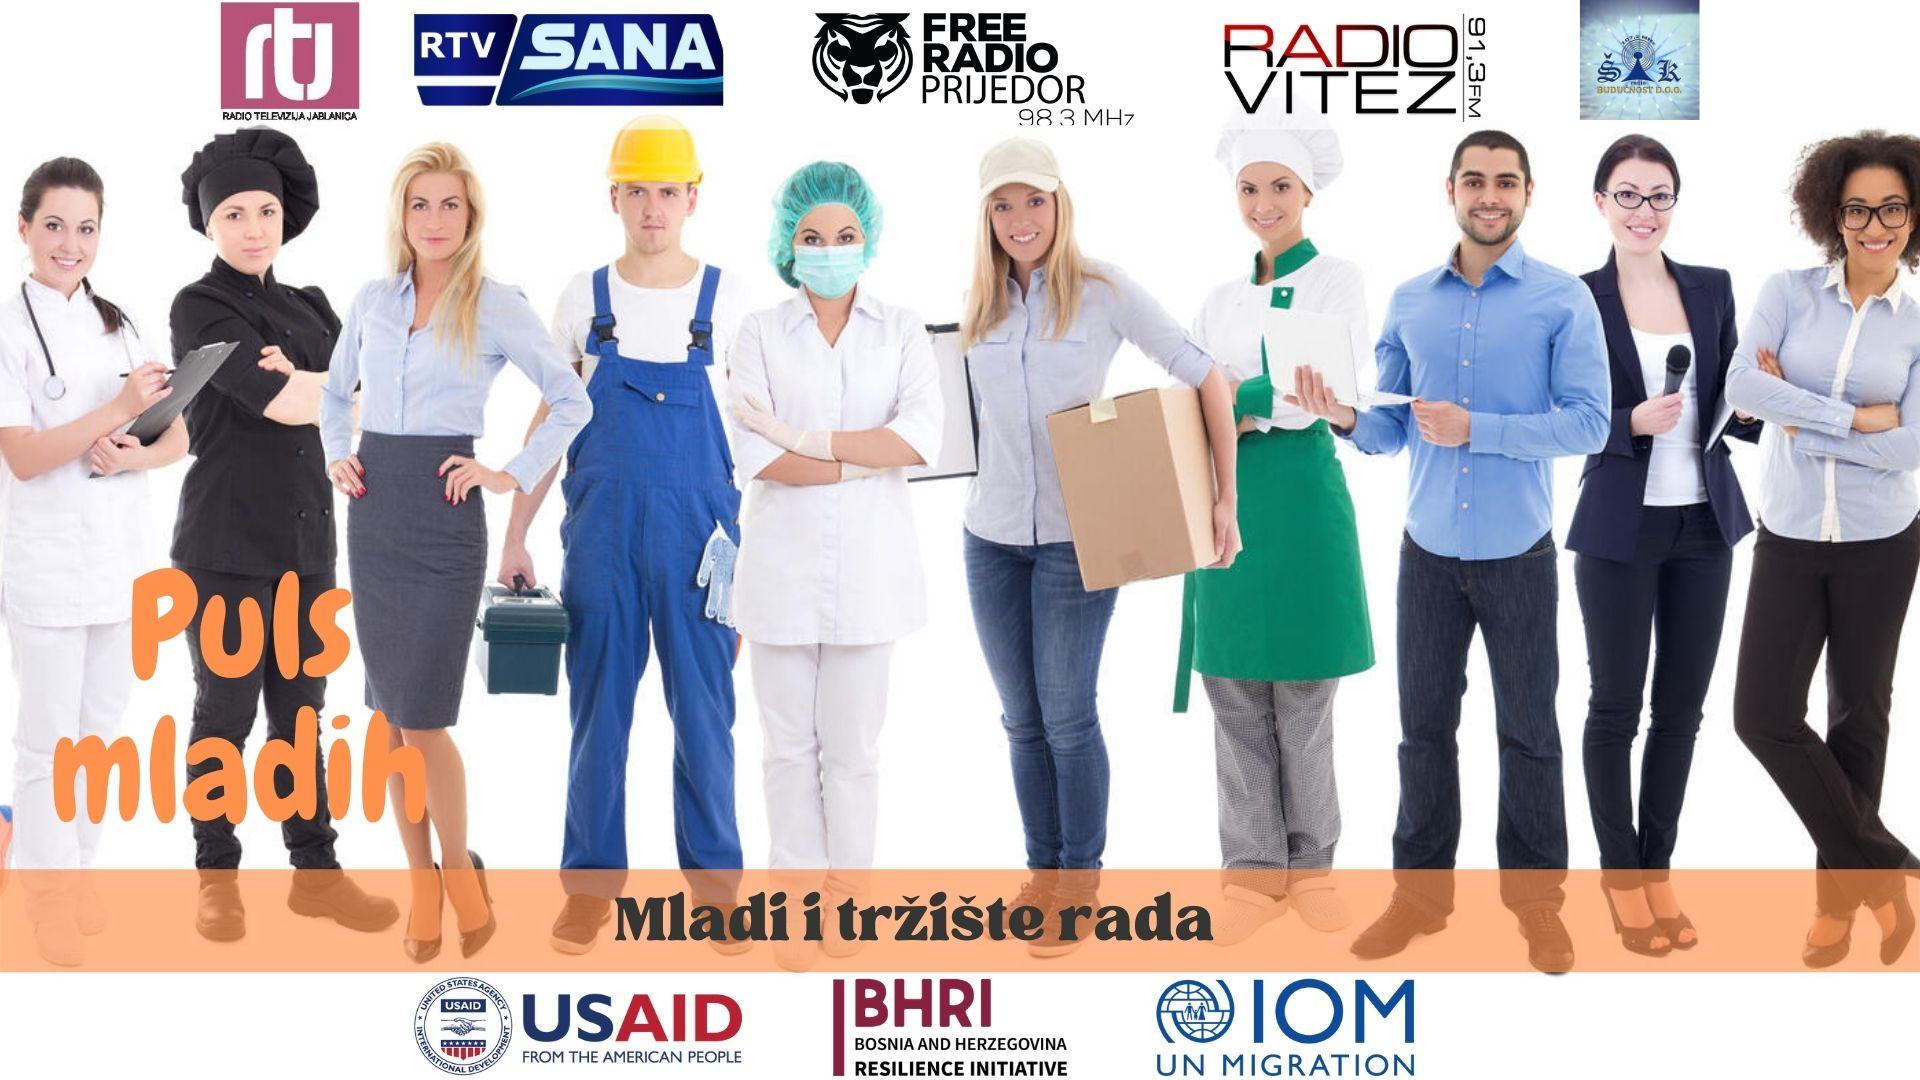 PULS MLADIH – Mladi i tržište rada